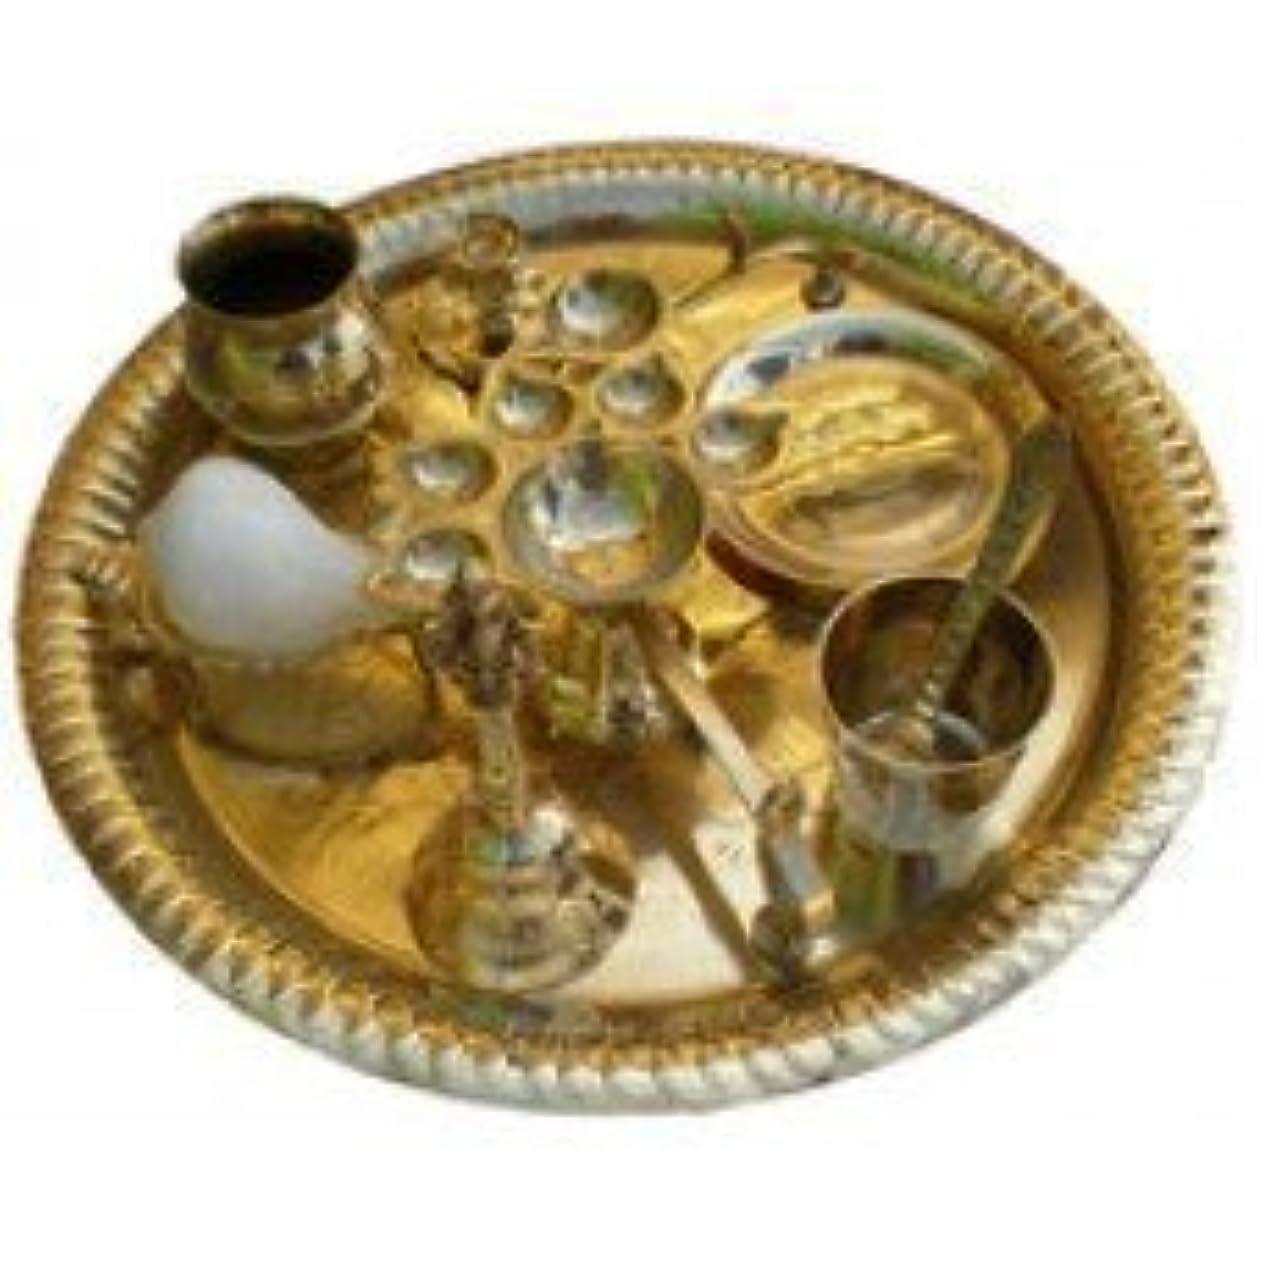 マーキーお互い汚染Aarti Set (tray with Bell, Incense Holder, Flower Tray, Conch, Ghee Lamps)